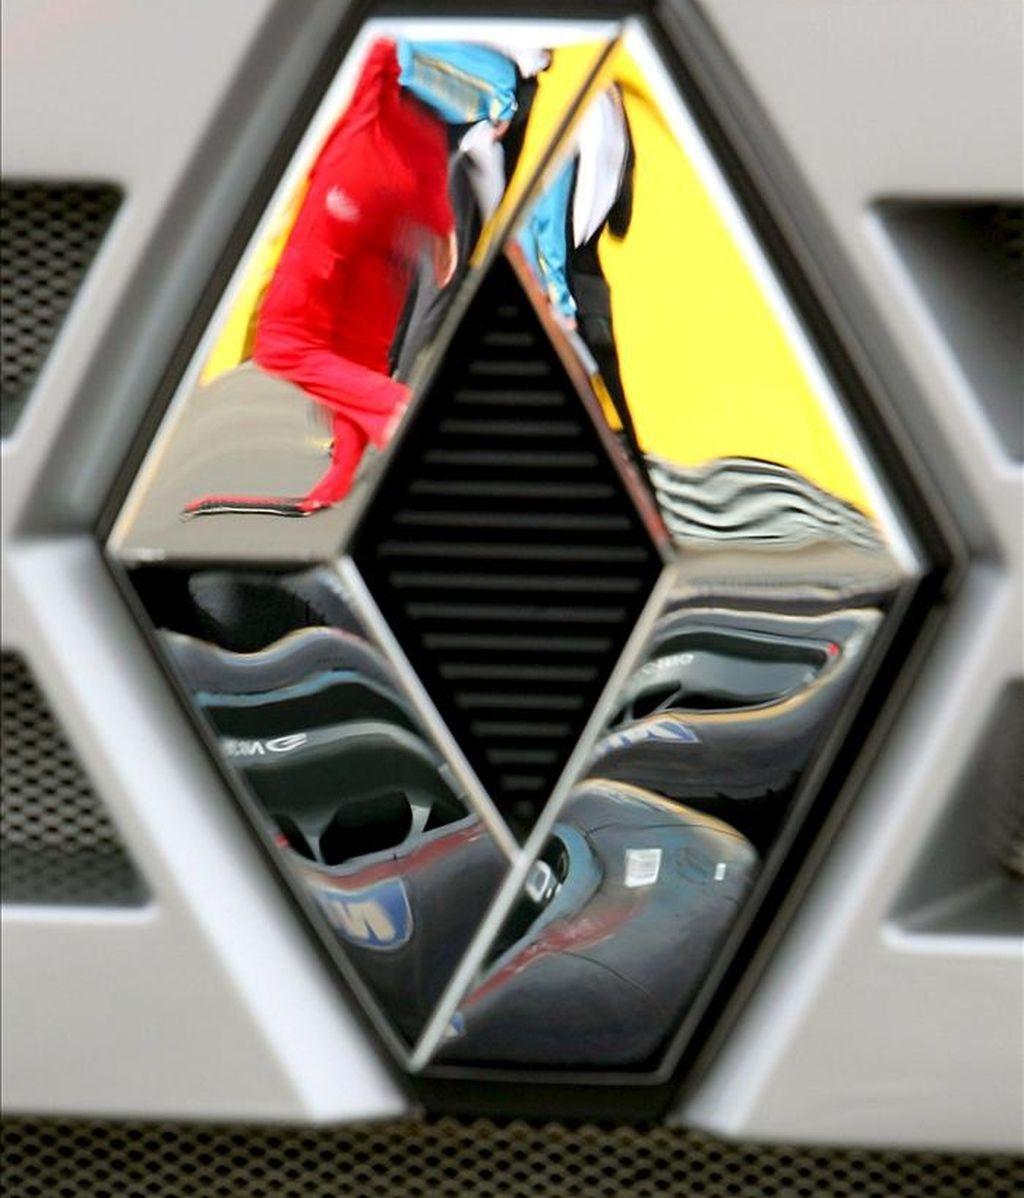 Dos de los tres directivos del constructor Renault sospechosos de espionaje industrial tenían sendas cuentas bancarias en Liechtenstein y en Suiza, con 130.000 euros y 500.000 euros respectivamente, ingresados por una empresa china con sede en Pekín, según informa en su página web el diario Le Figaro. EFE/Archivo